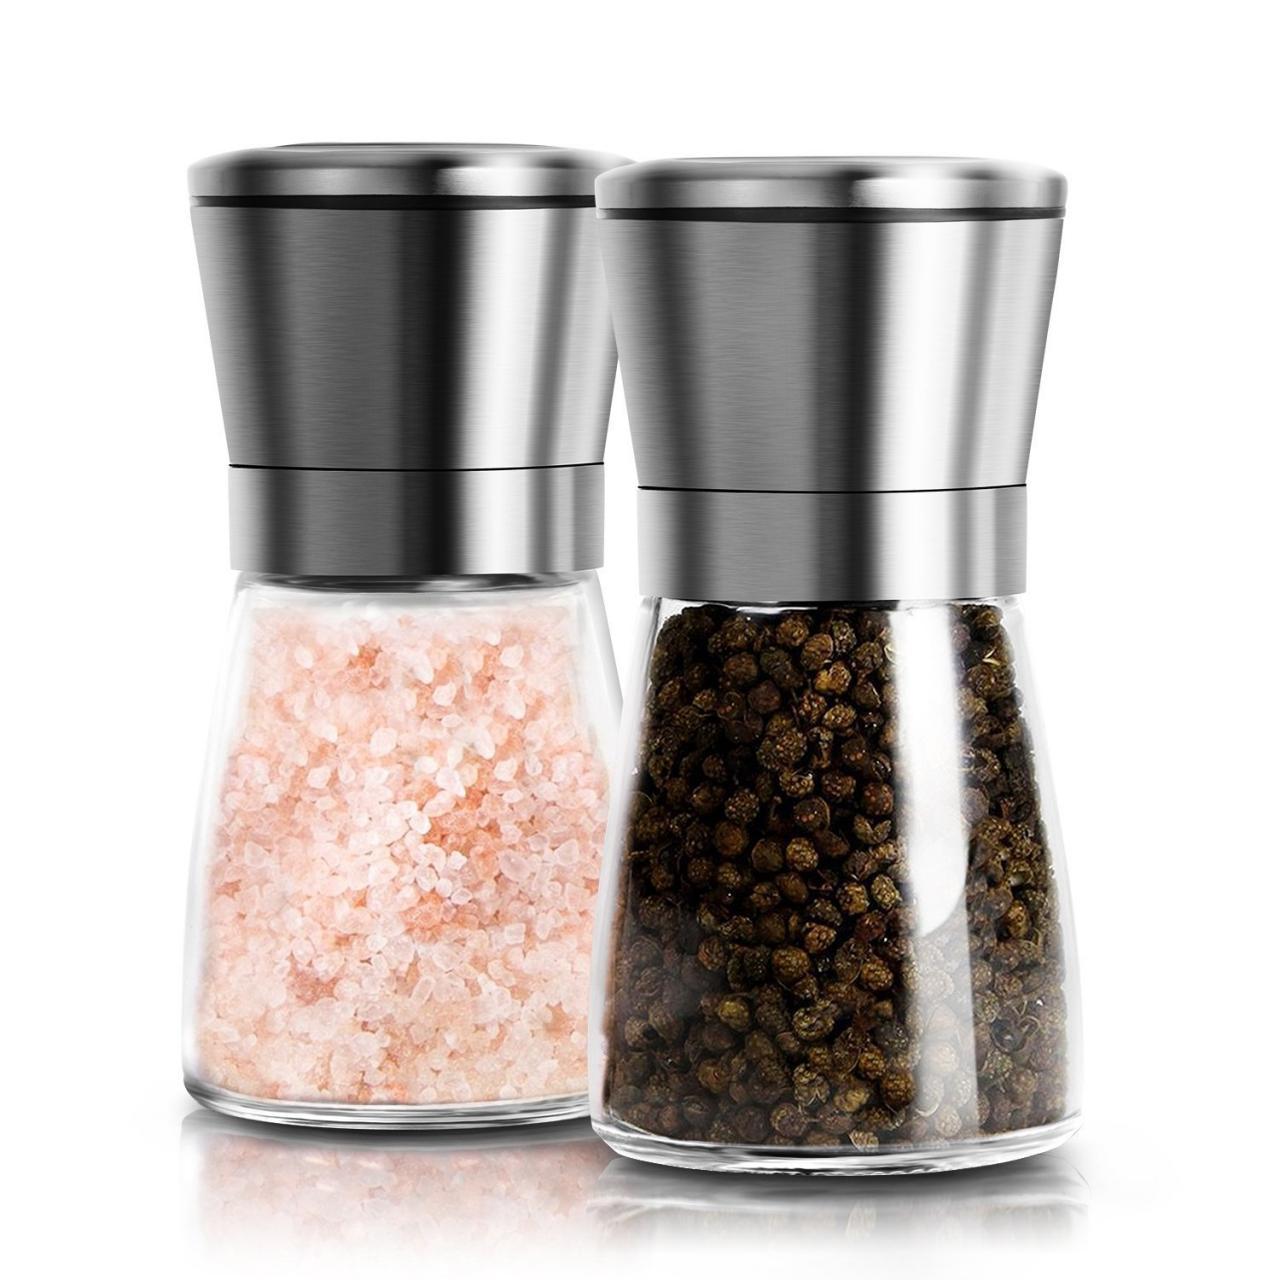 Amazon salt 10 คีย์สินค้า ปี 2017 เก็บข้อมูลมาเสนอให้กับนักขายคนไทย อัพเดทปีล่าสุด